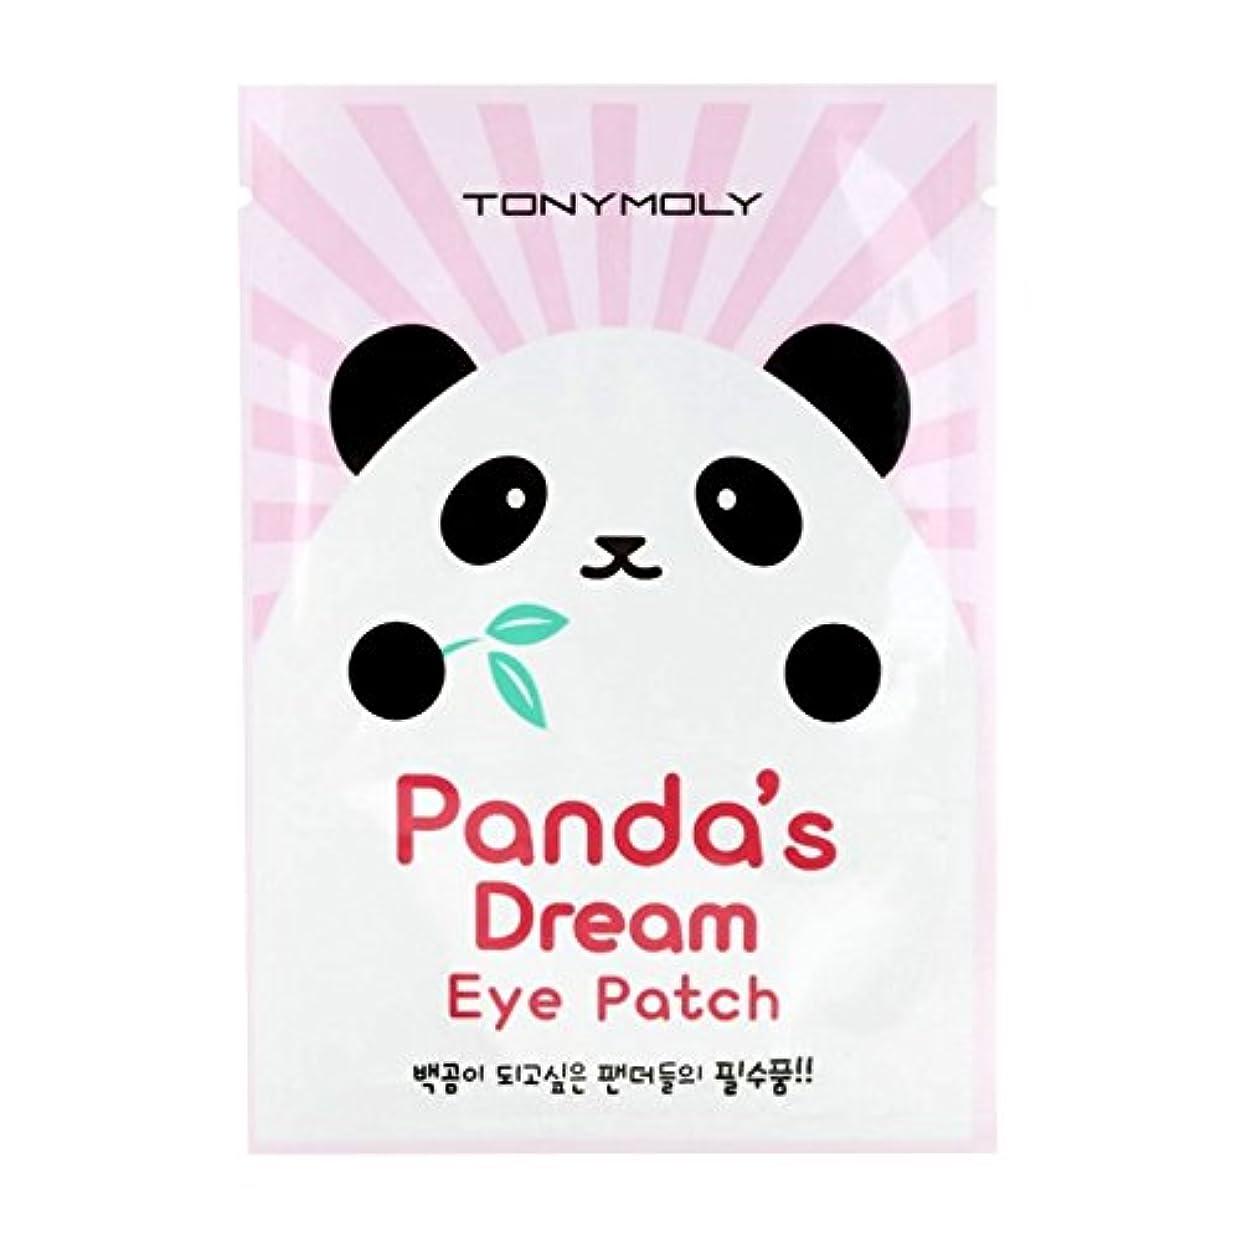 決定する道に迷いましたインシュレータ(3 Pack) TONYMOLY Panda's Dream Eye Patch (並行輸入品)